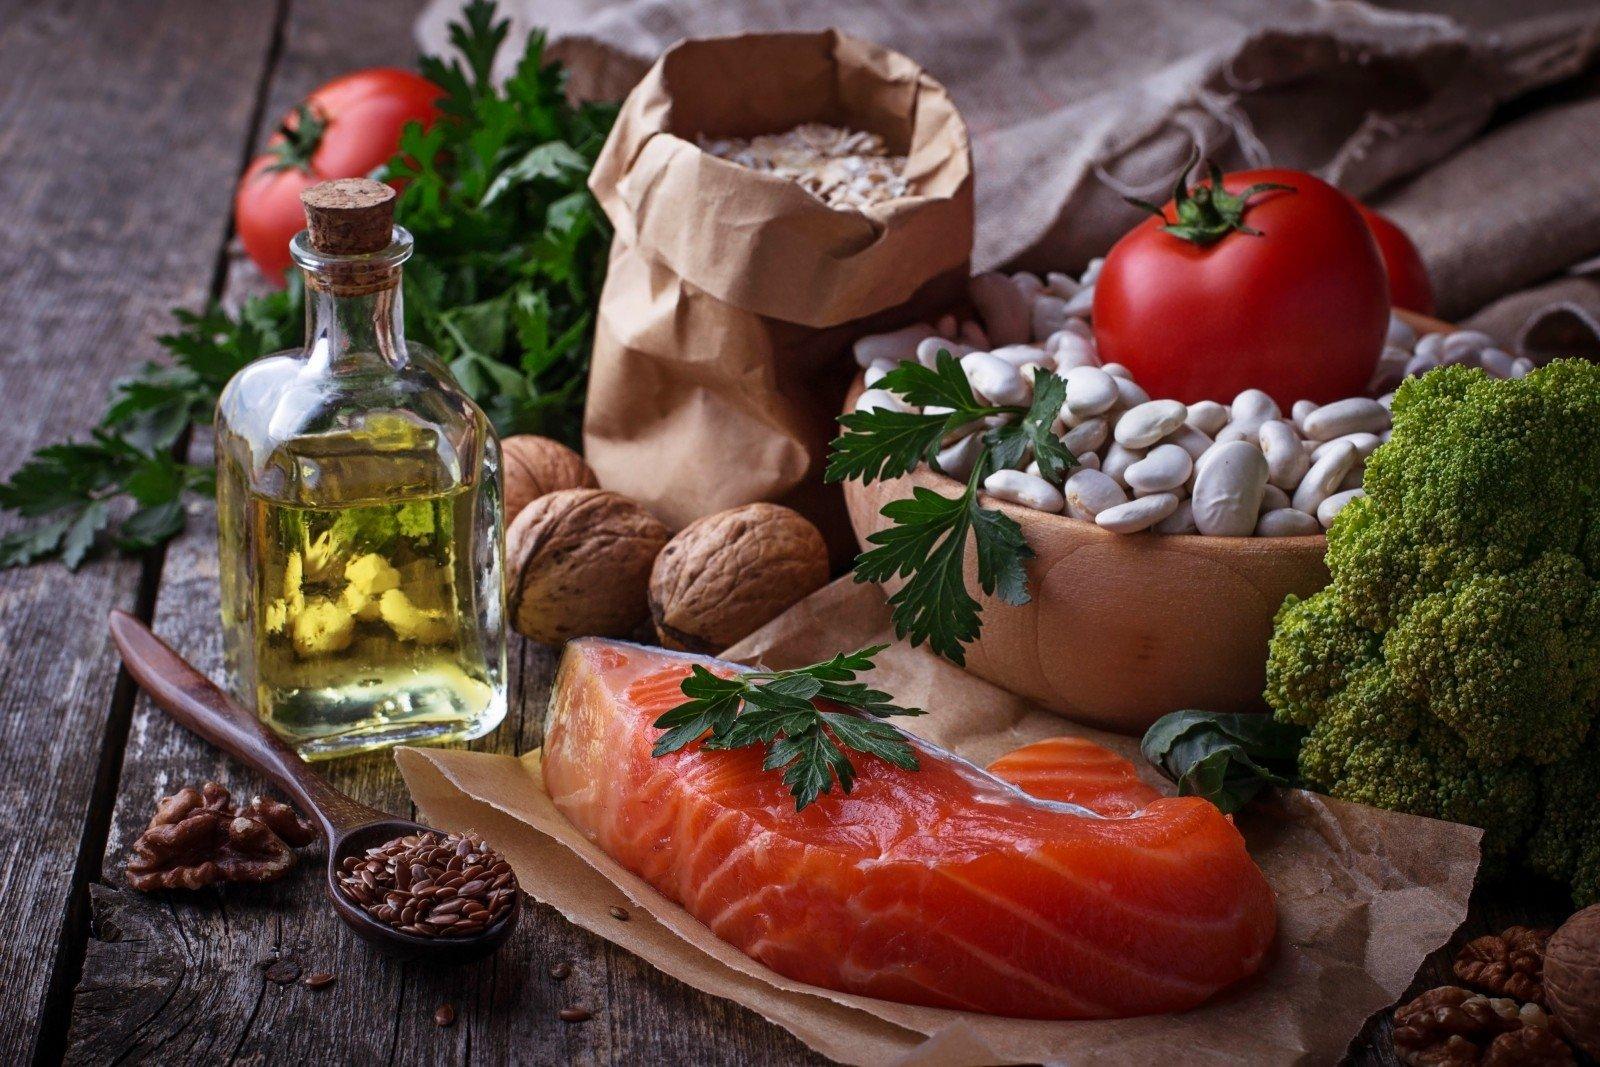 maisto produktai, skatinantys gerą širdies sveikatą hipertenzija kaip pagrindinė insulto priežastis